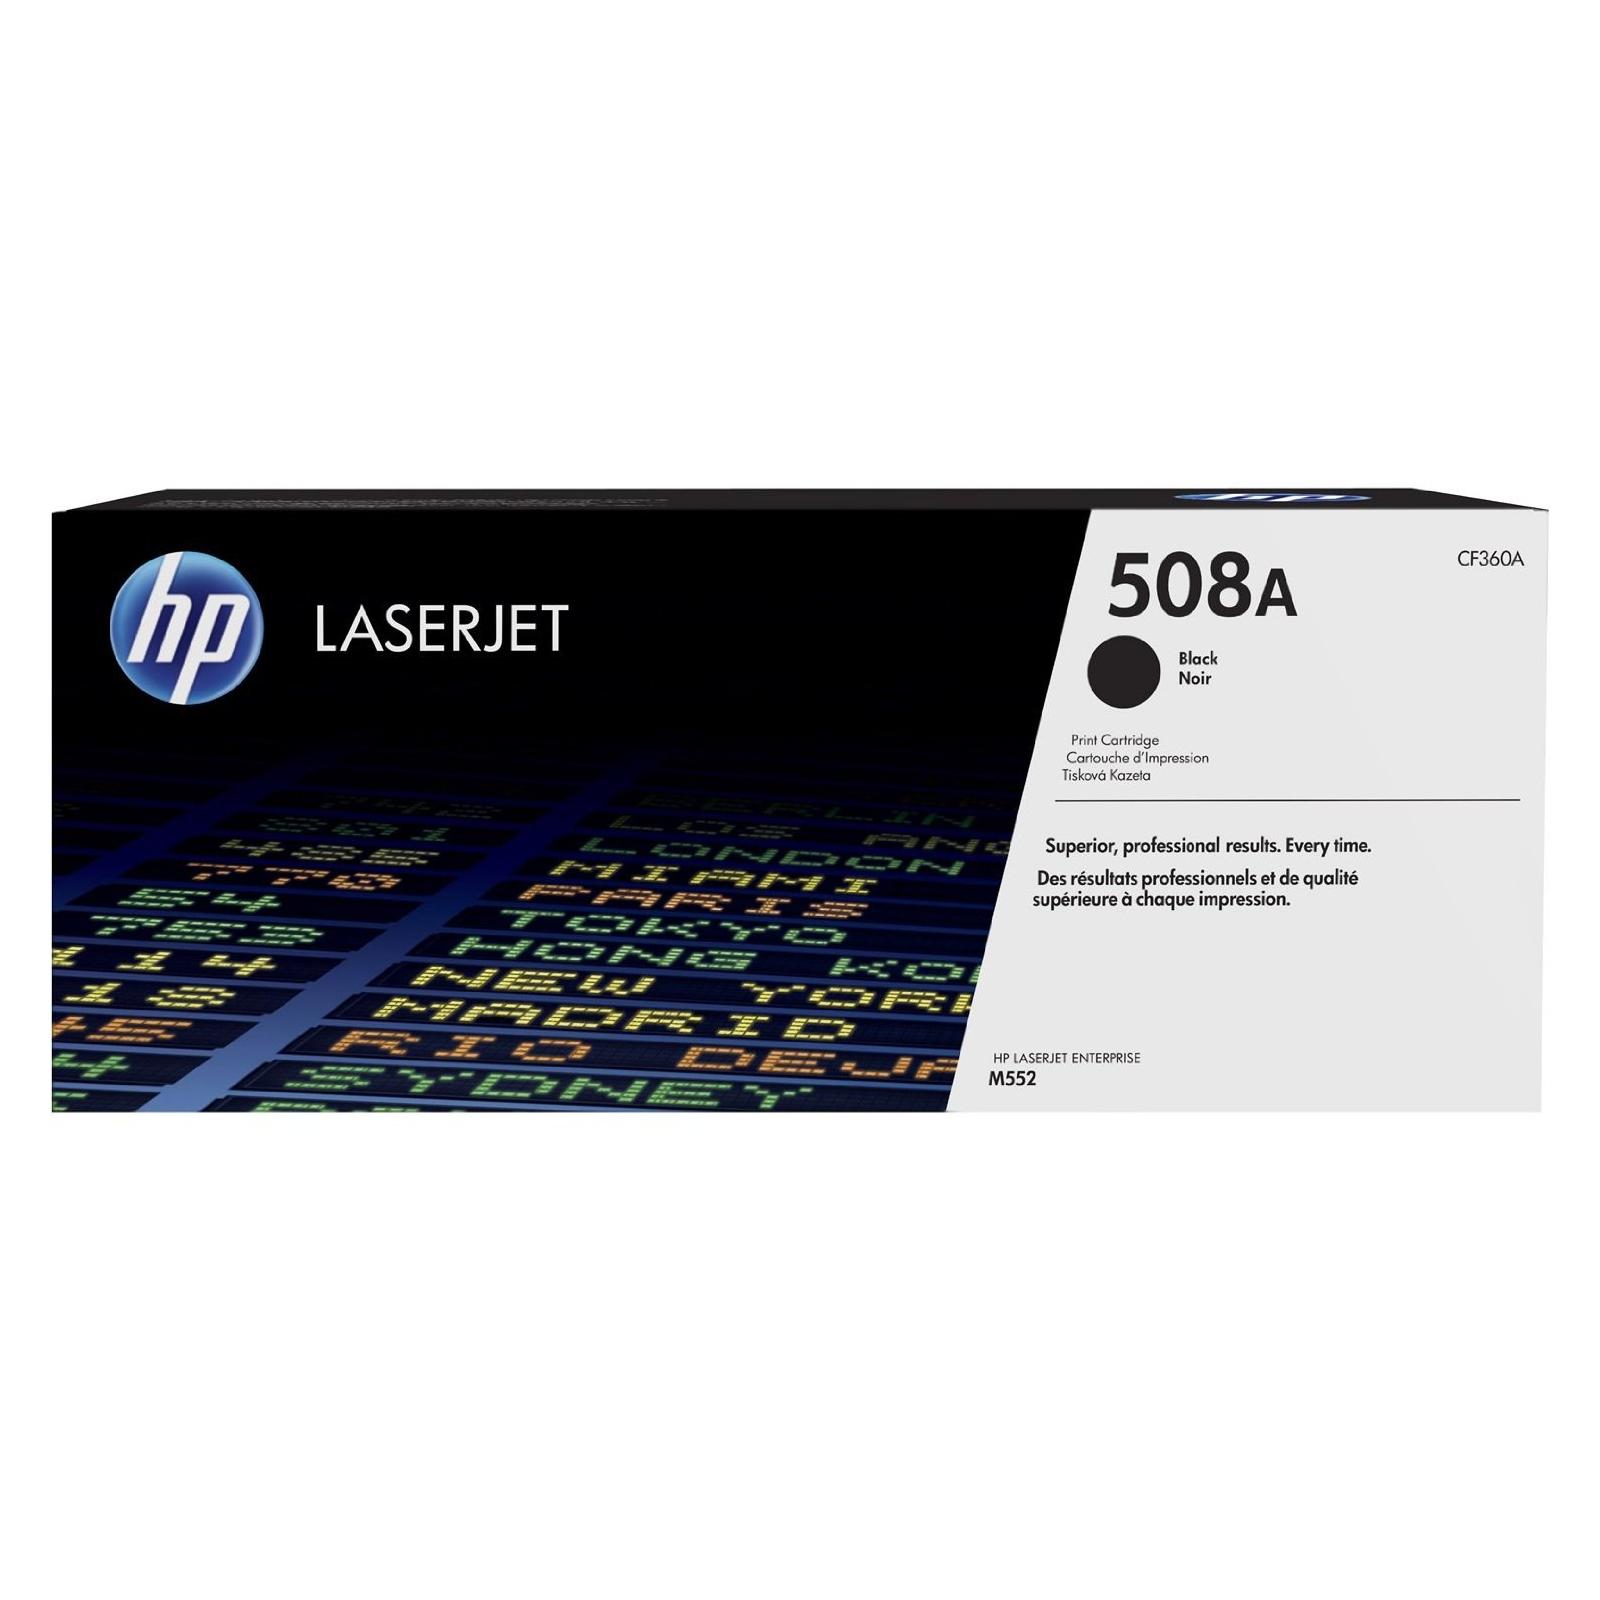 Картридж HP CLJ  508A Black M552dn/M553dn/n/x (CF360A)